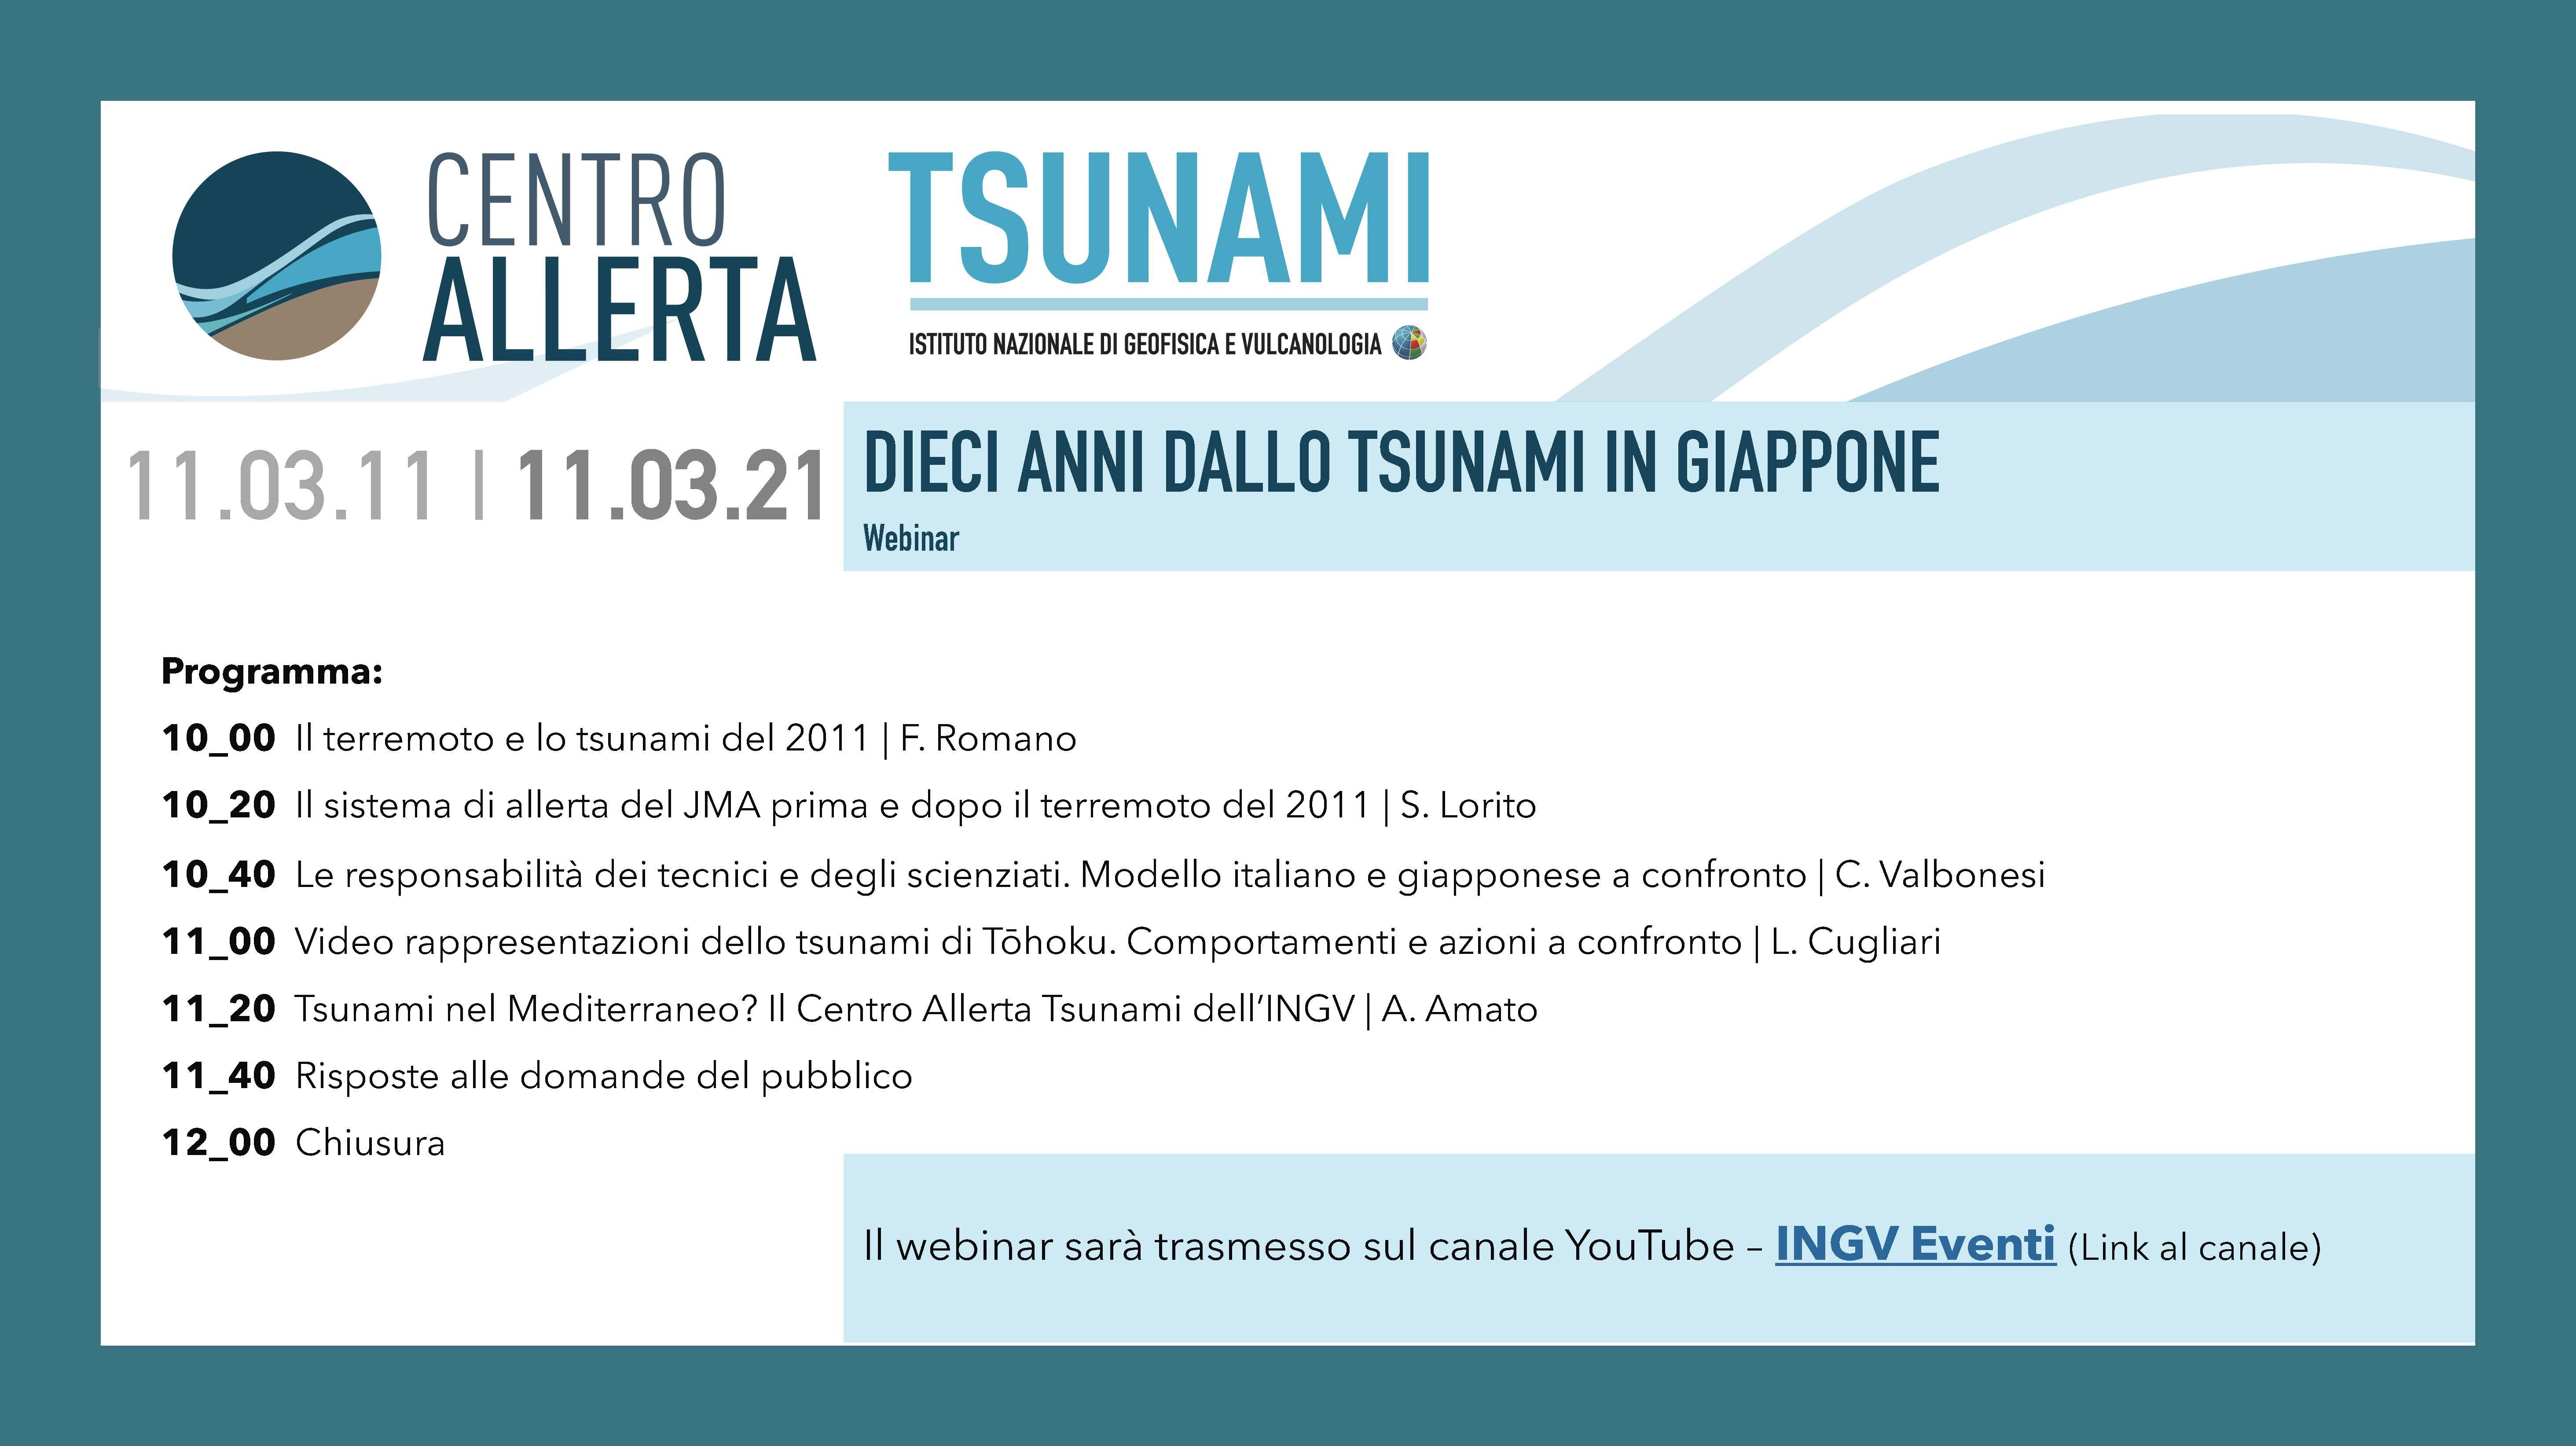 """Programma del webinar """"Dieci anni dallo tsunami in Giappone"""", trasmesso sul canale YouTube – INGV Eventi - 11 marzo 2021 ore 10."""